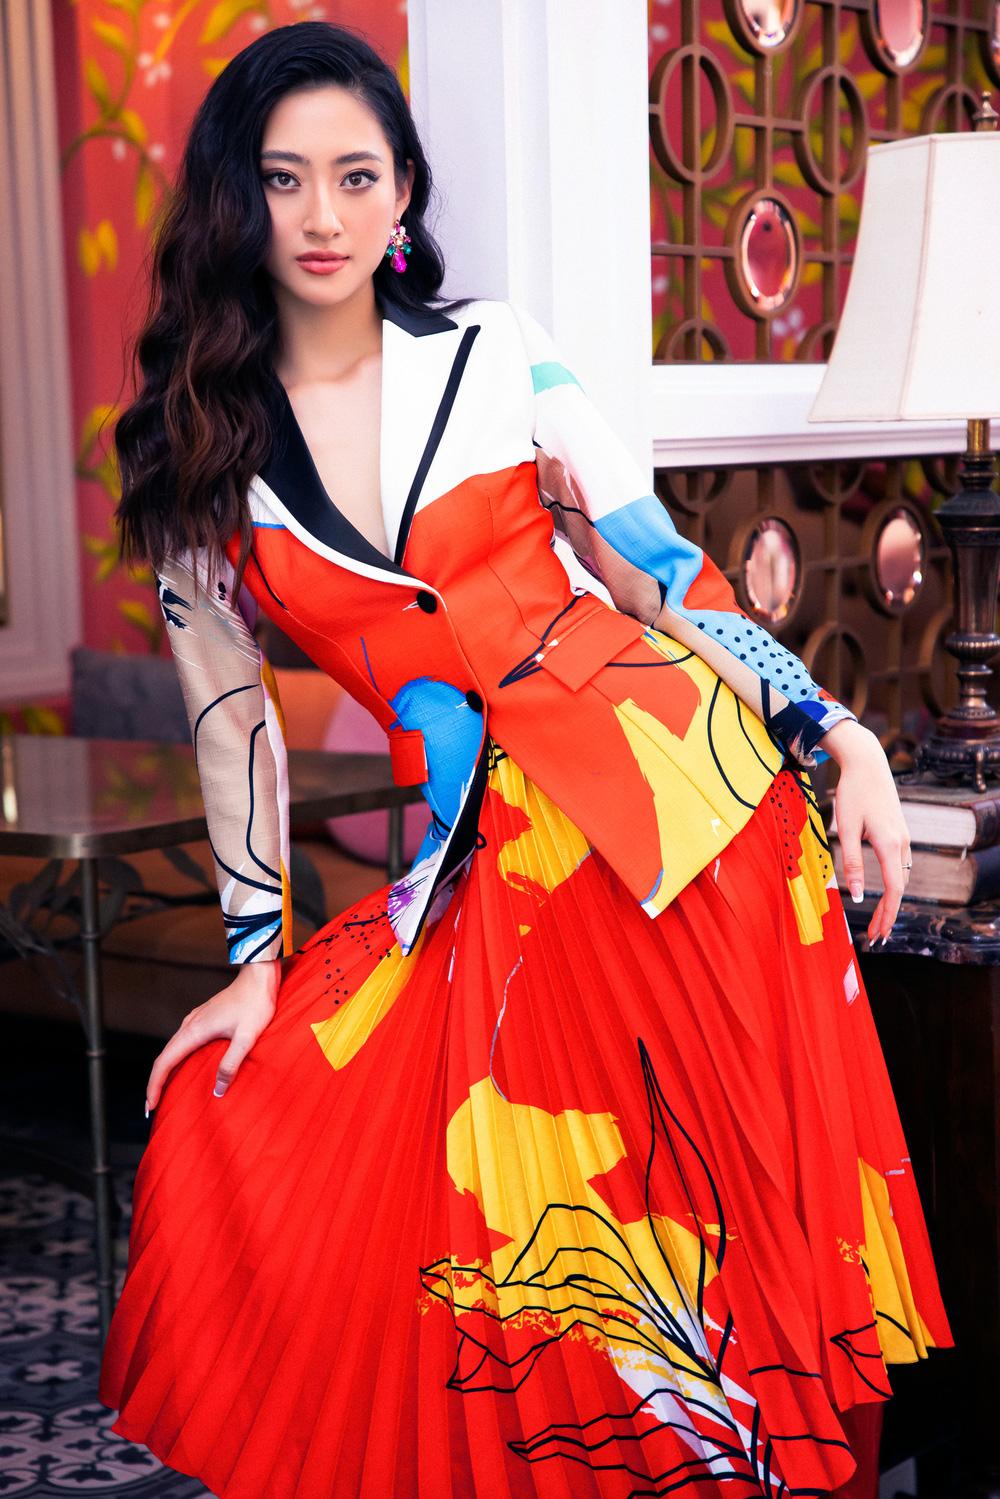 Hoa hậu Đỗ Thị Hà khác lạ với tóc mái ngang - Ảnh 5.